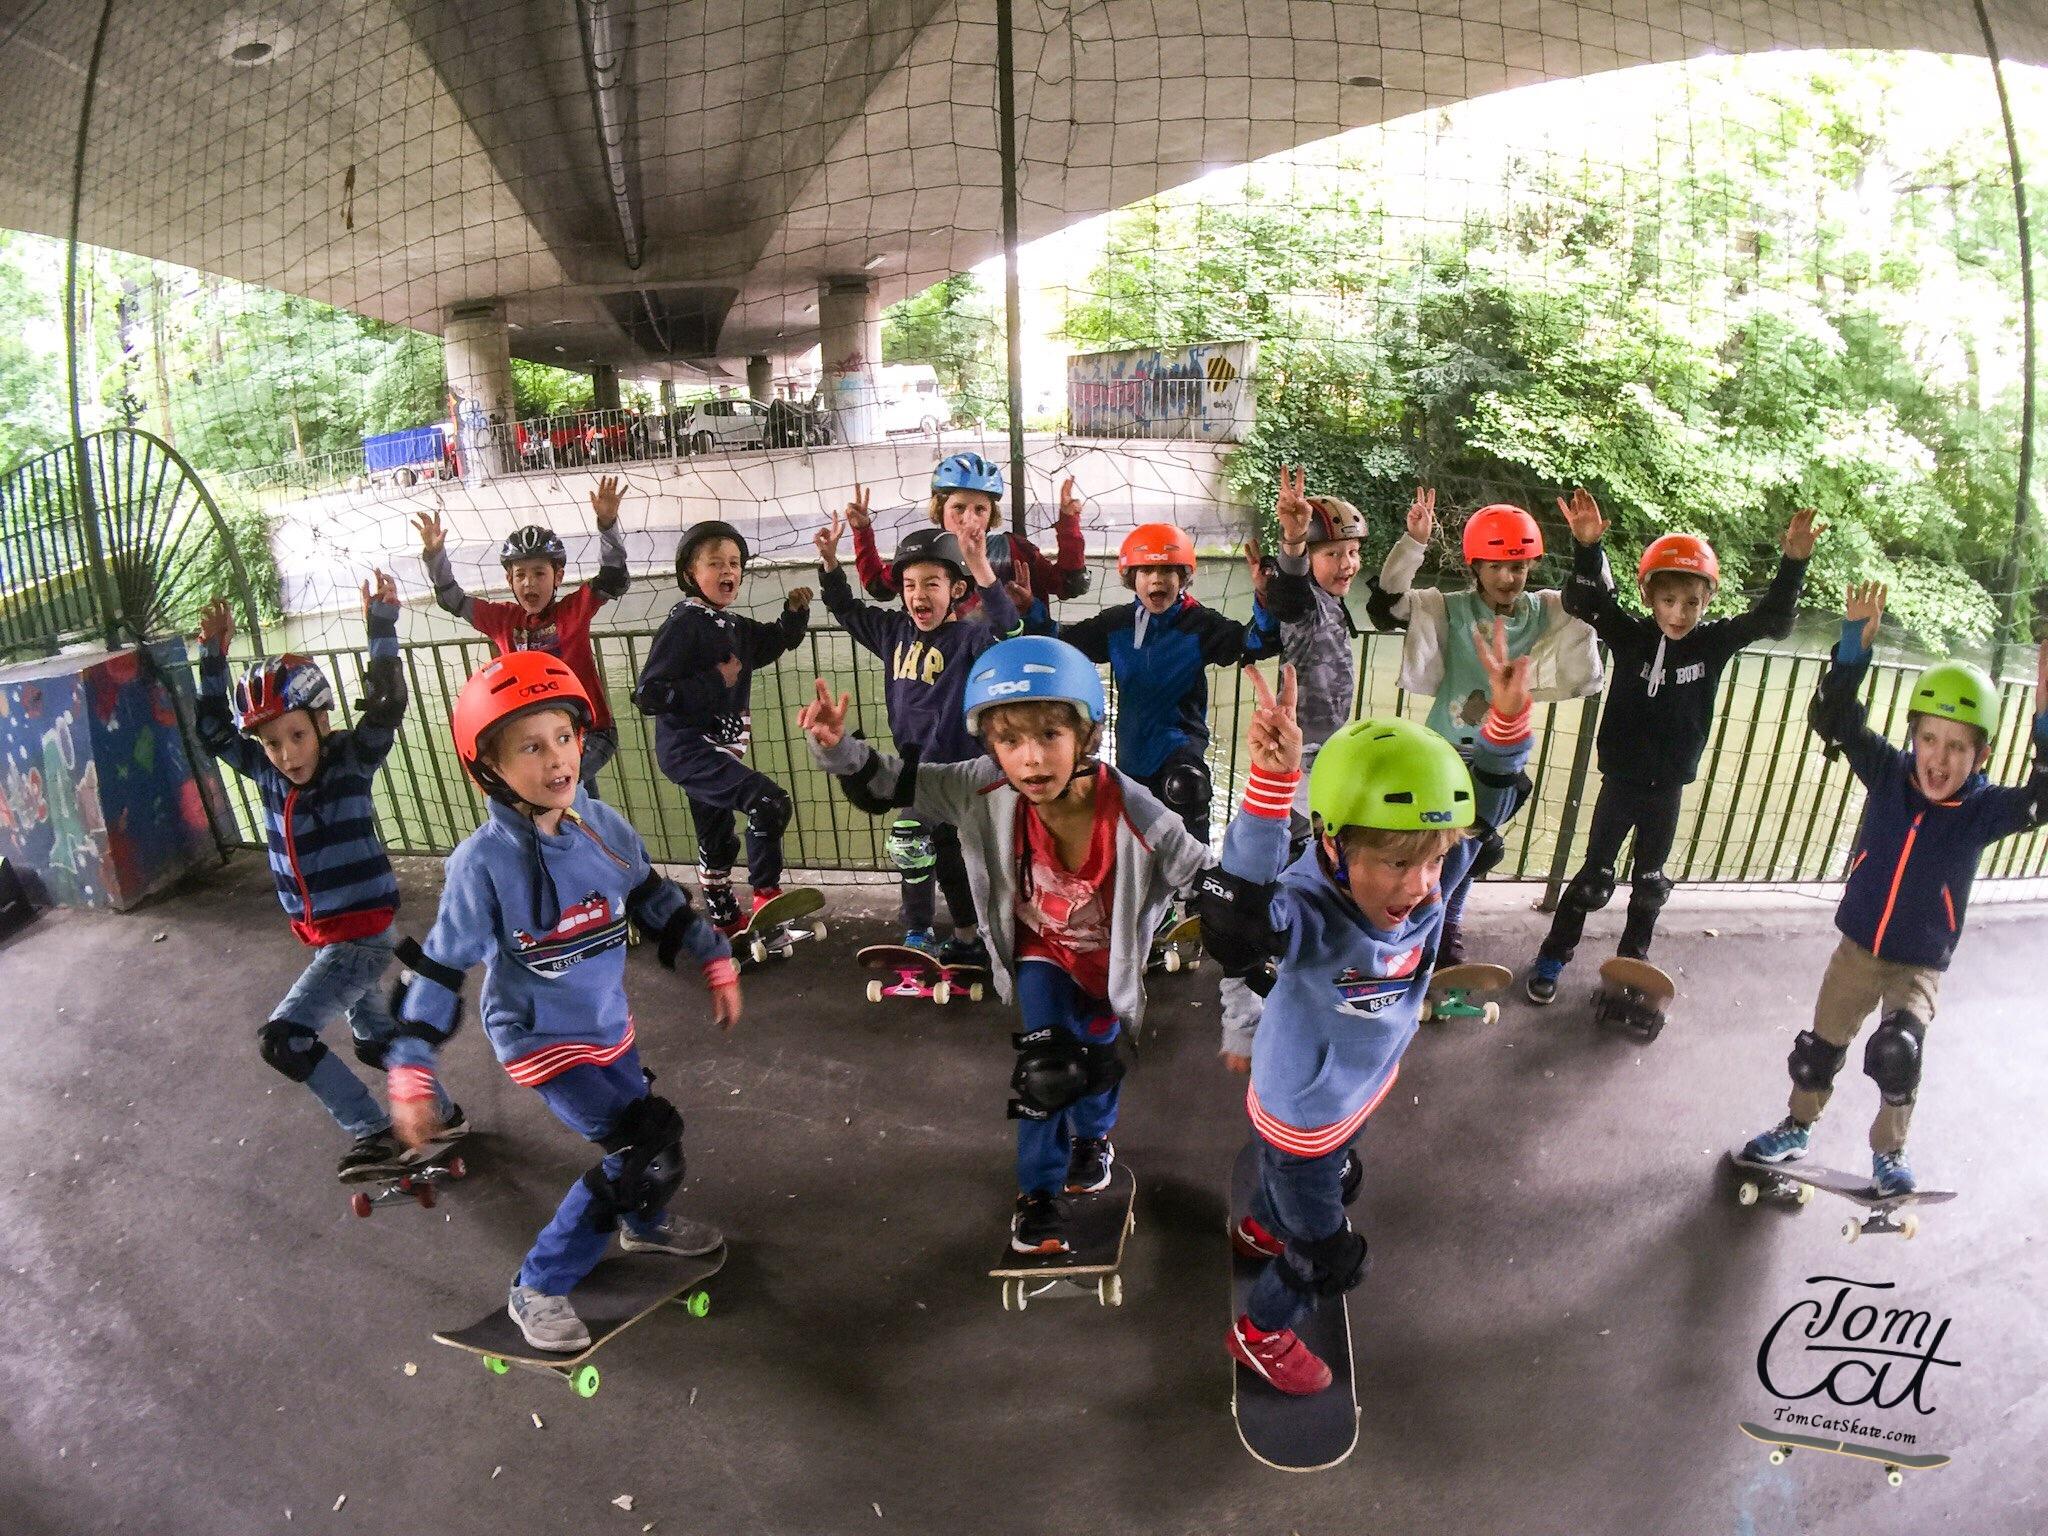 Skateboardkurs München Skatekurs München Longboardkurs für Anfänger und Fortgeschrittene Skateprofi Tom Cat Skateboard kaufen TSG Schoner.JPG